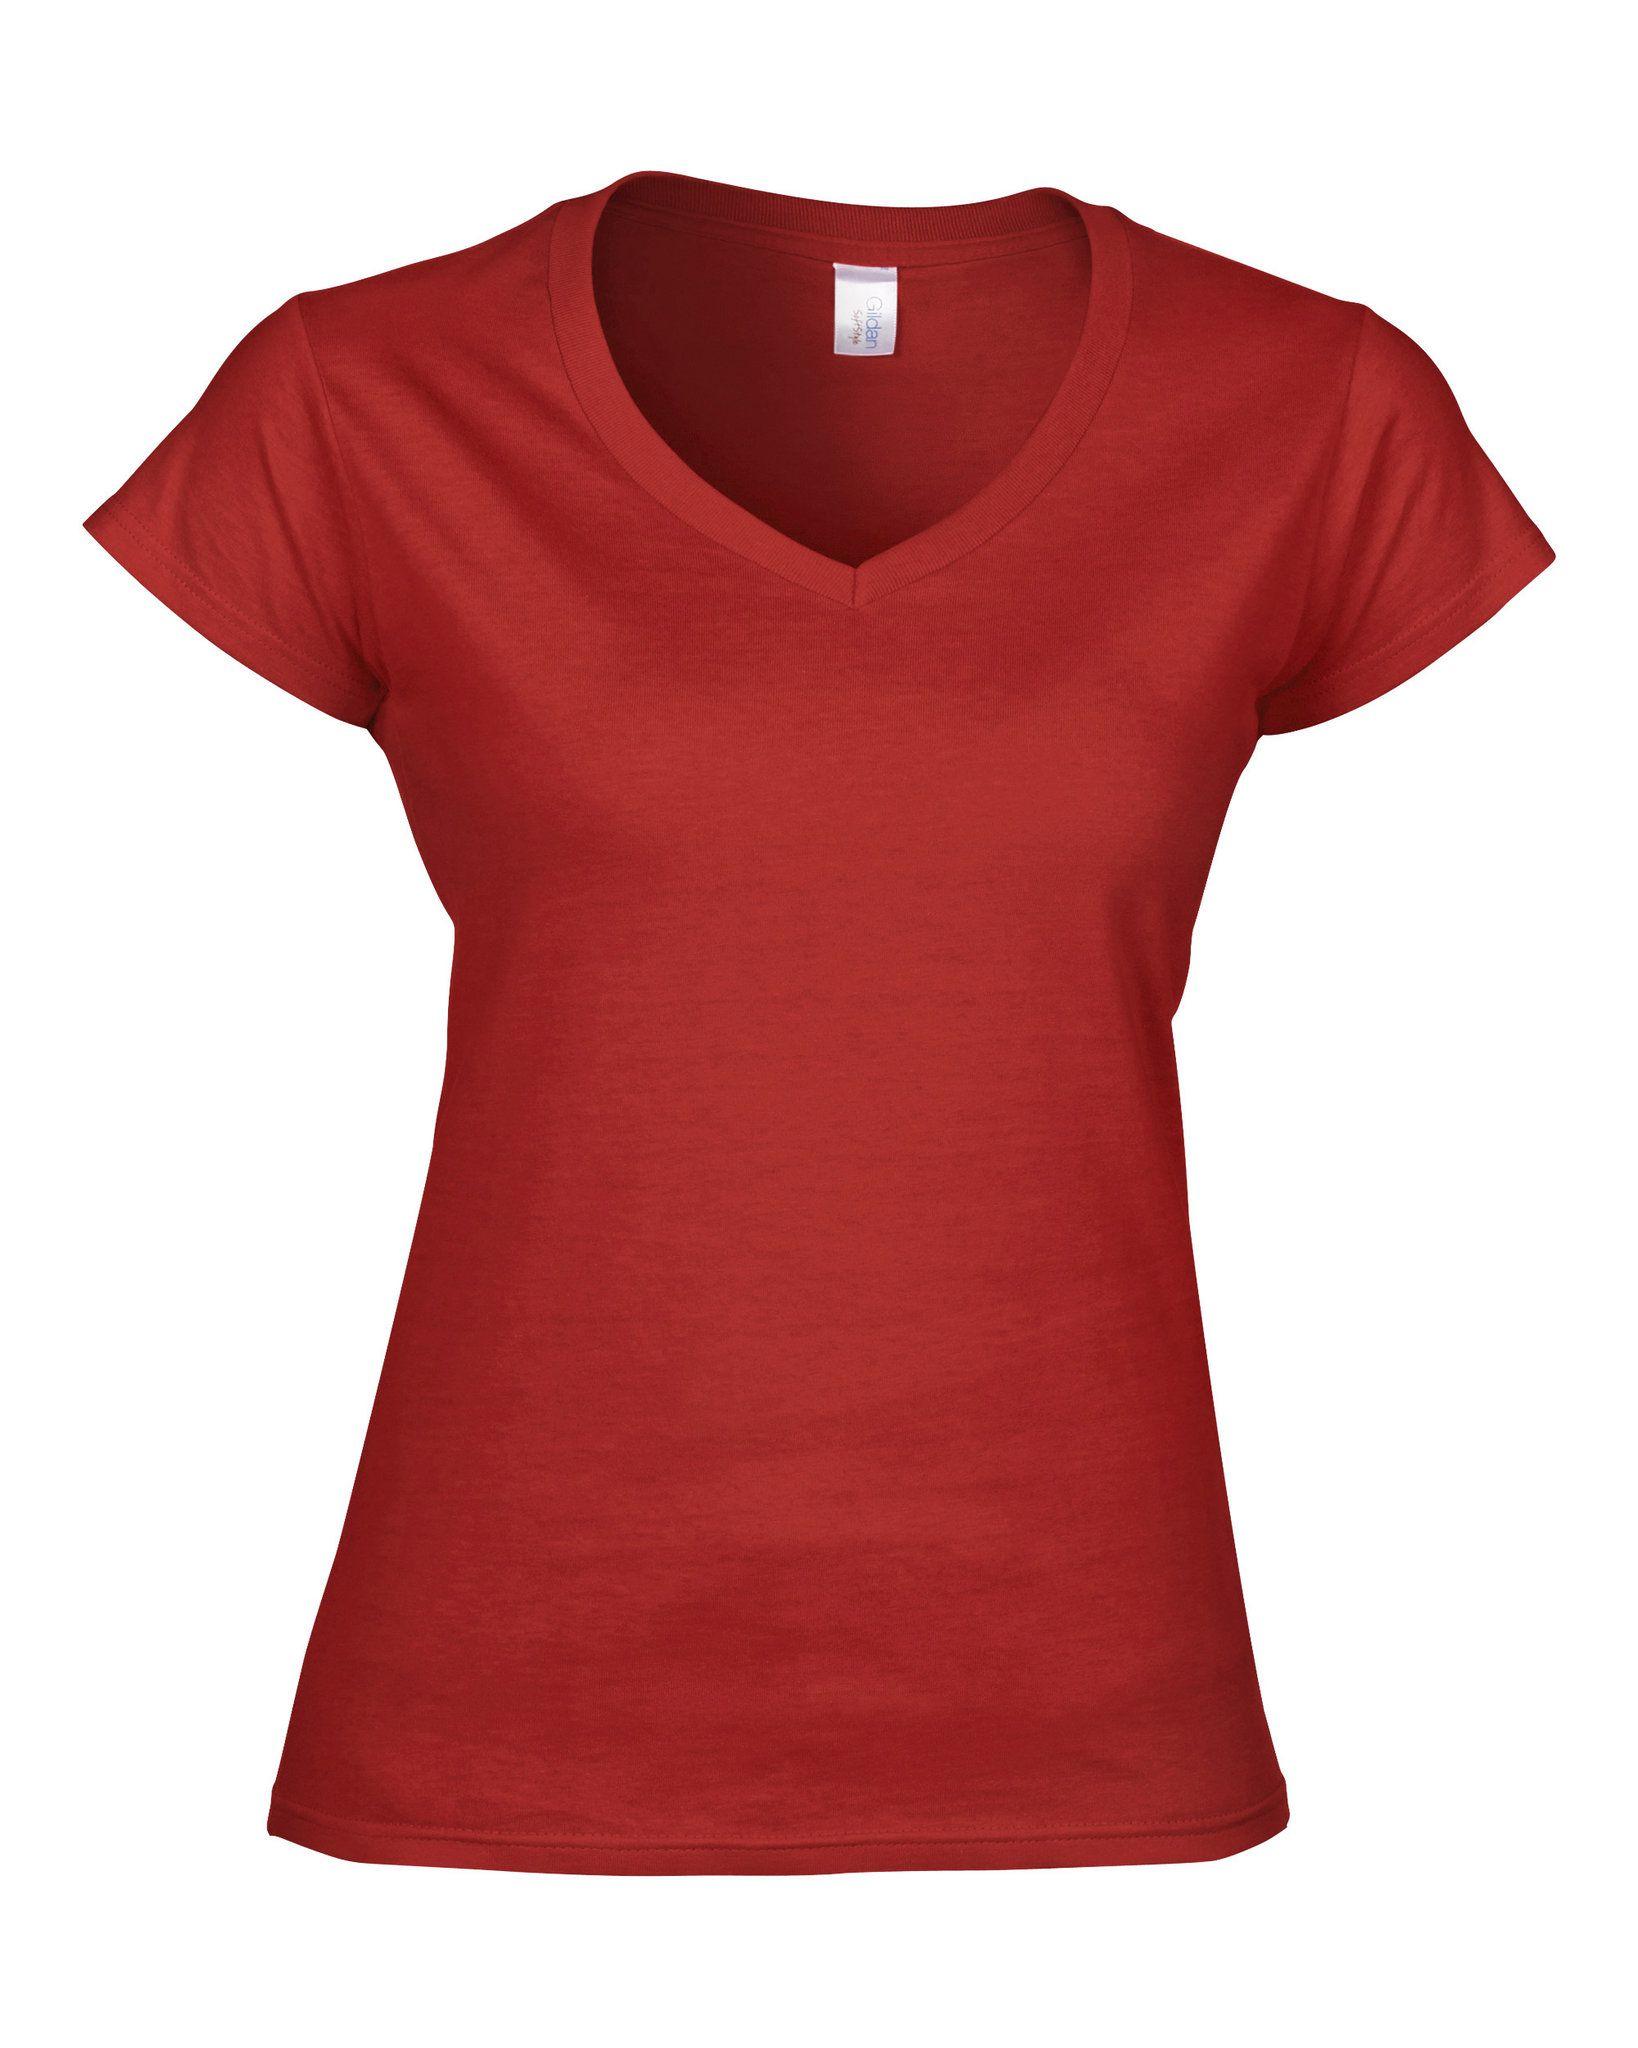 T-shirt publicitaire pour femme Necky - t-shirt personnalisable